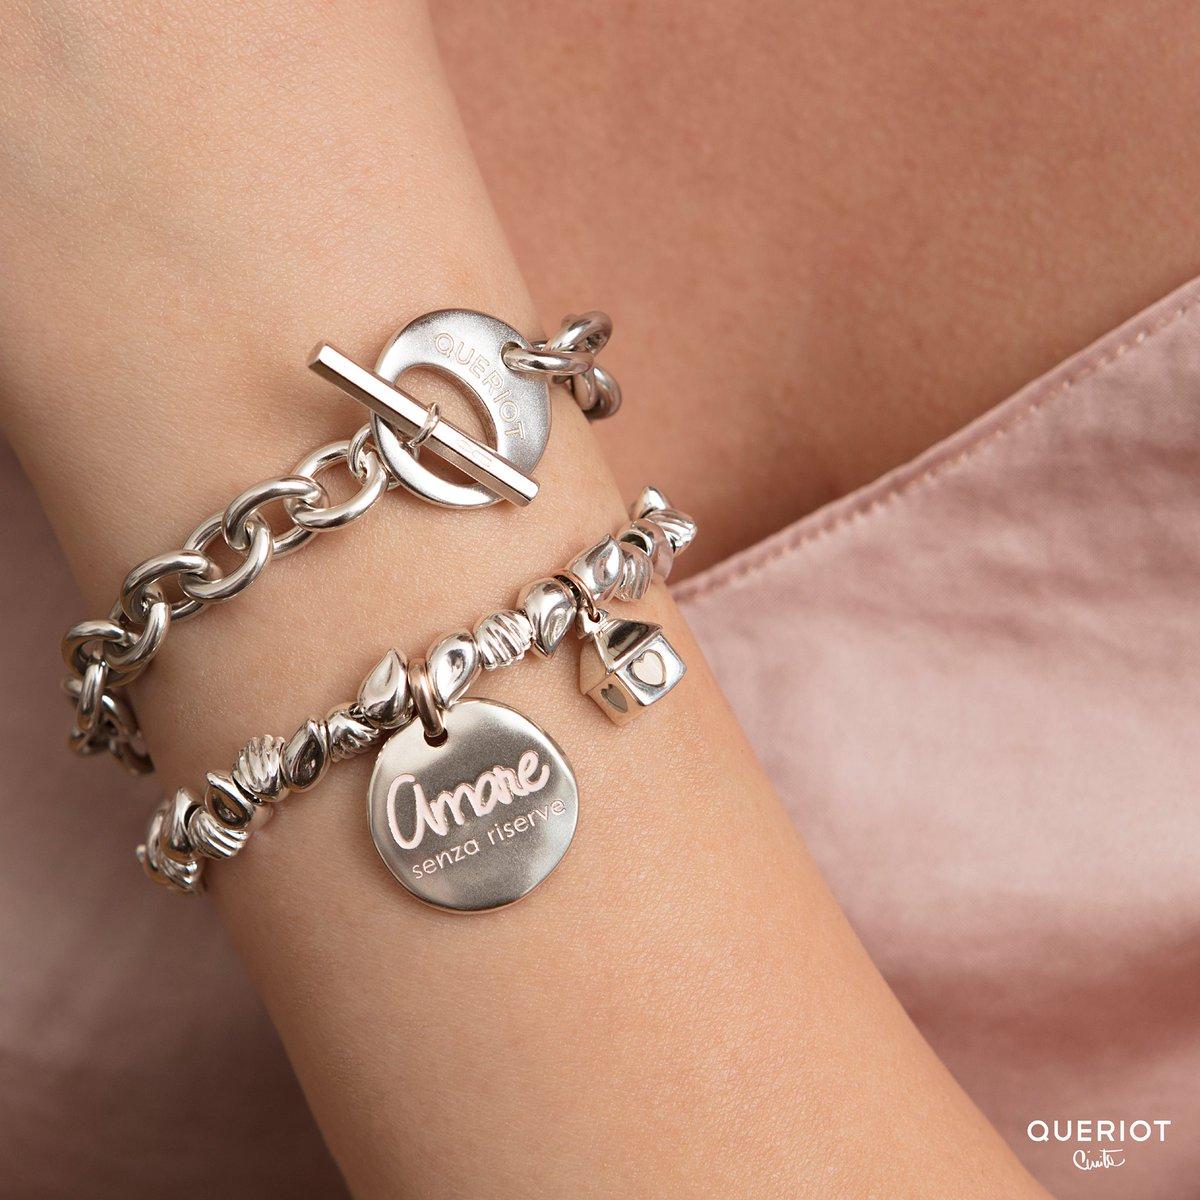 (A. Baricco) gioielleriachiatti chiatti gioielleria cittadicastello  bracciale queriot civita amare senzariserve  lovepic.twitter.com/X0cdas1Jse